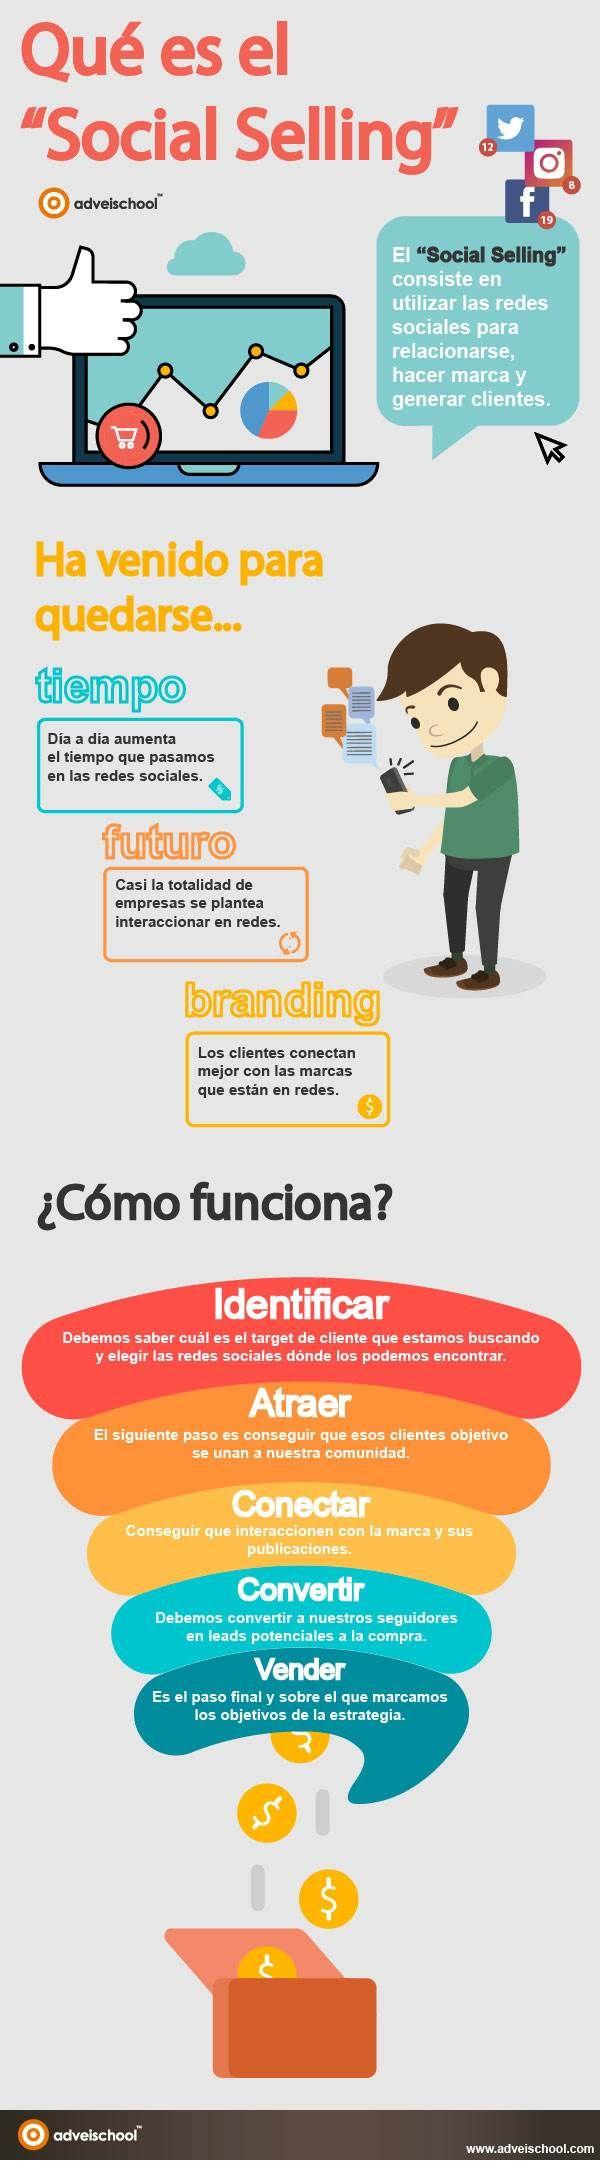 Infografía sobre qué es Social Selling. #marketing #SocialMedia